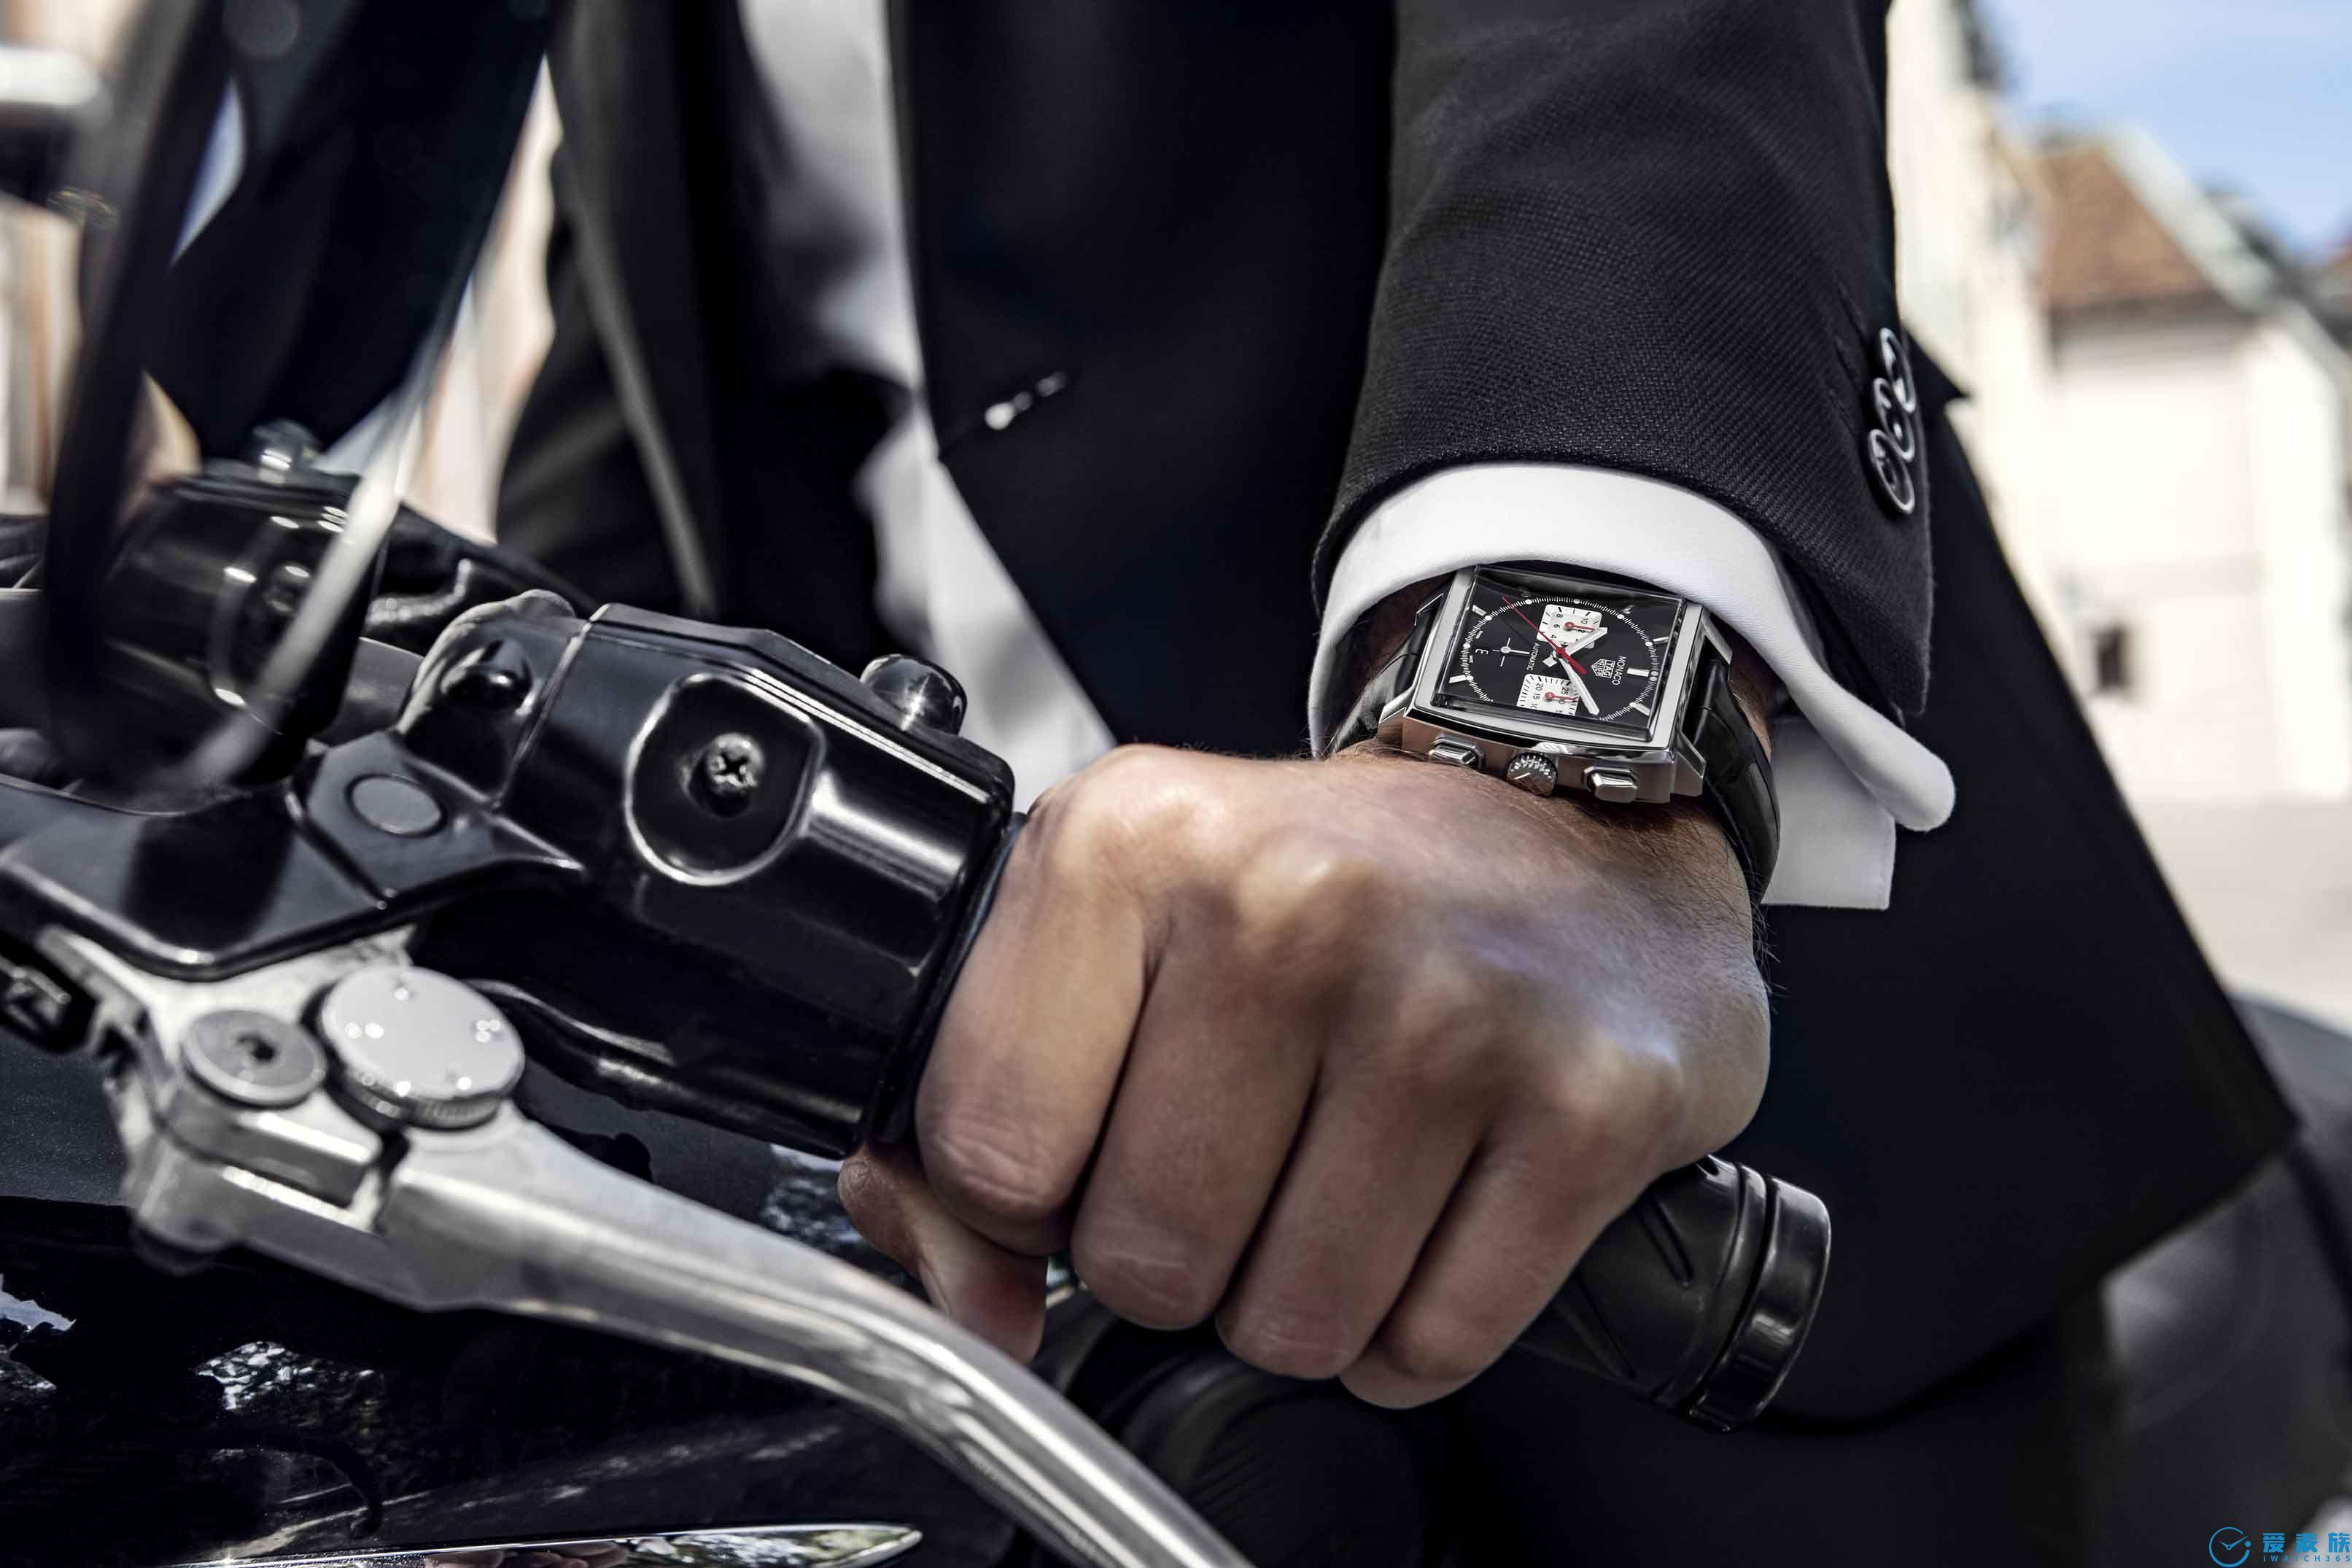 TAG Heuer泰格豪雅荣耀推出全新摩纳哥系列腕表 以品牌自制机芯搭配经